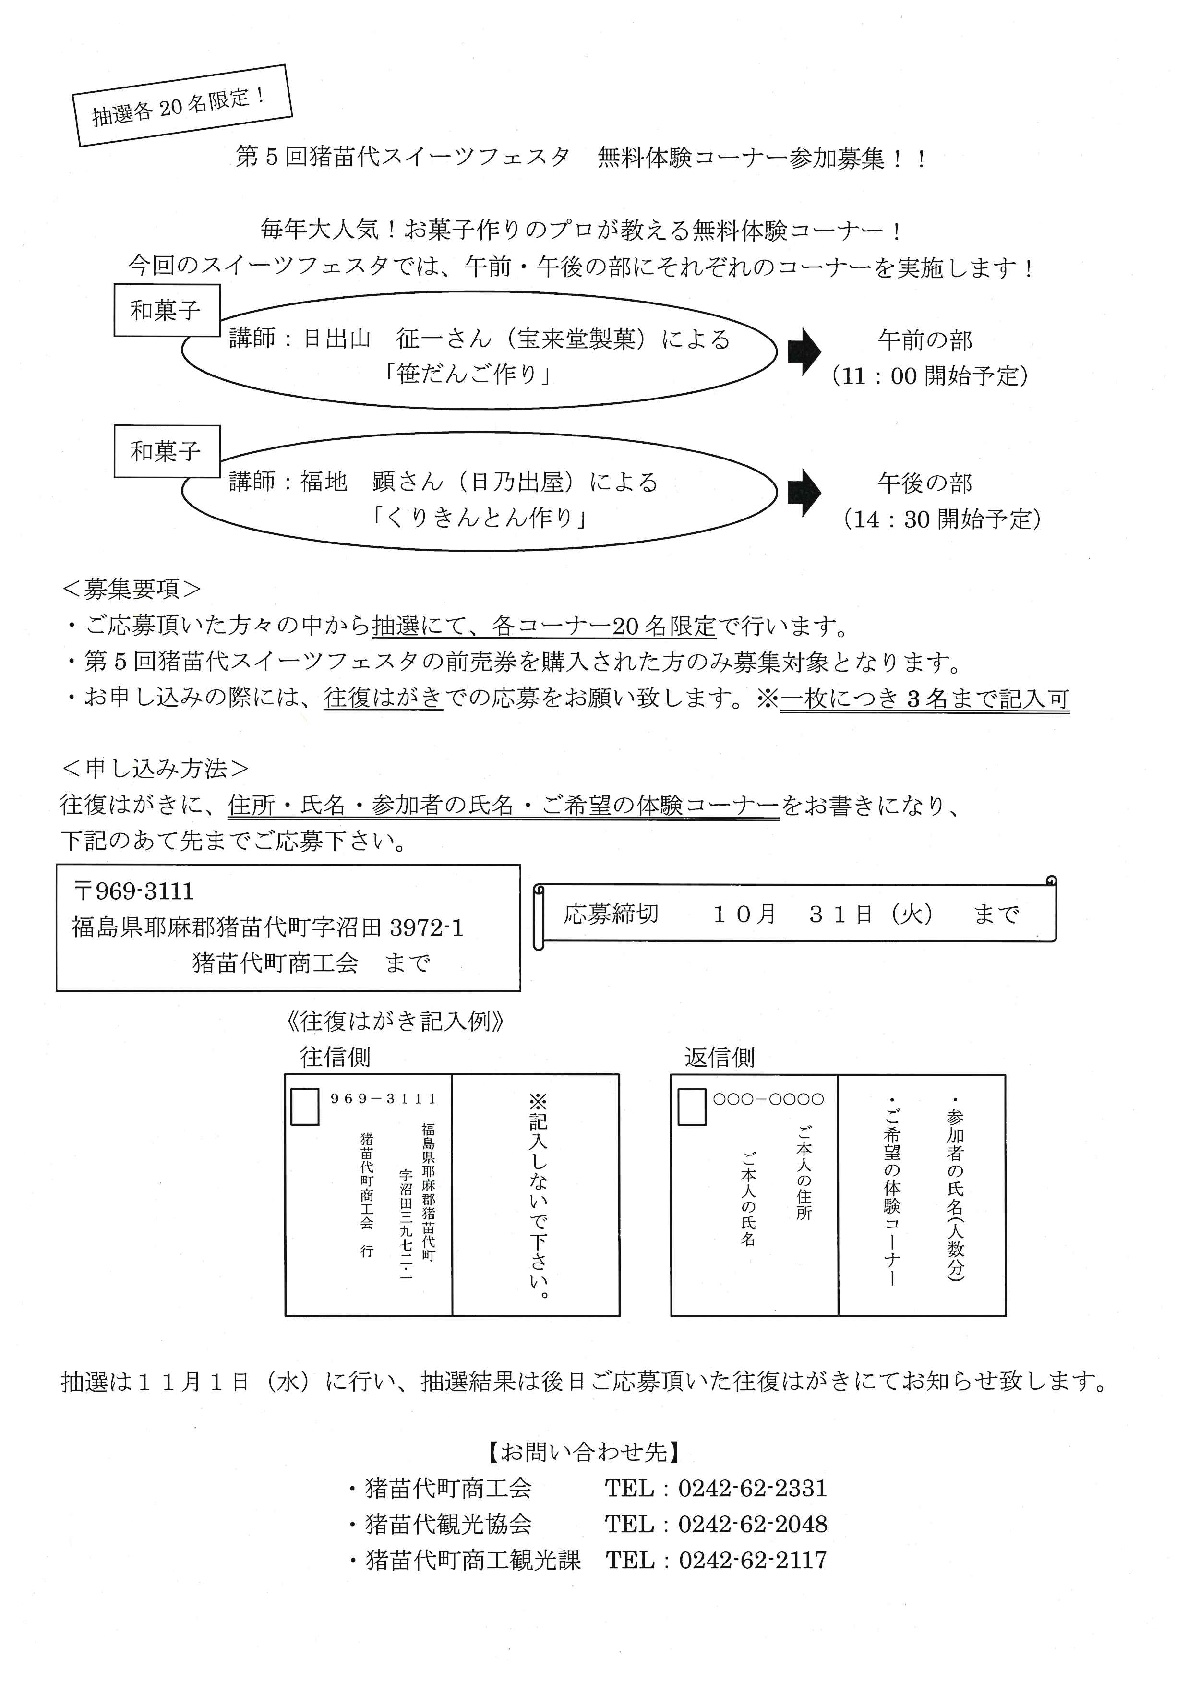 20170830_2-001.jpg